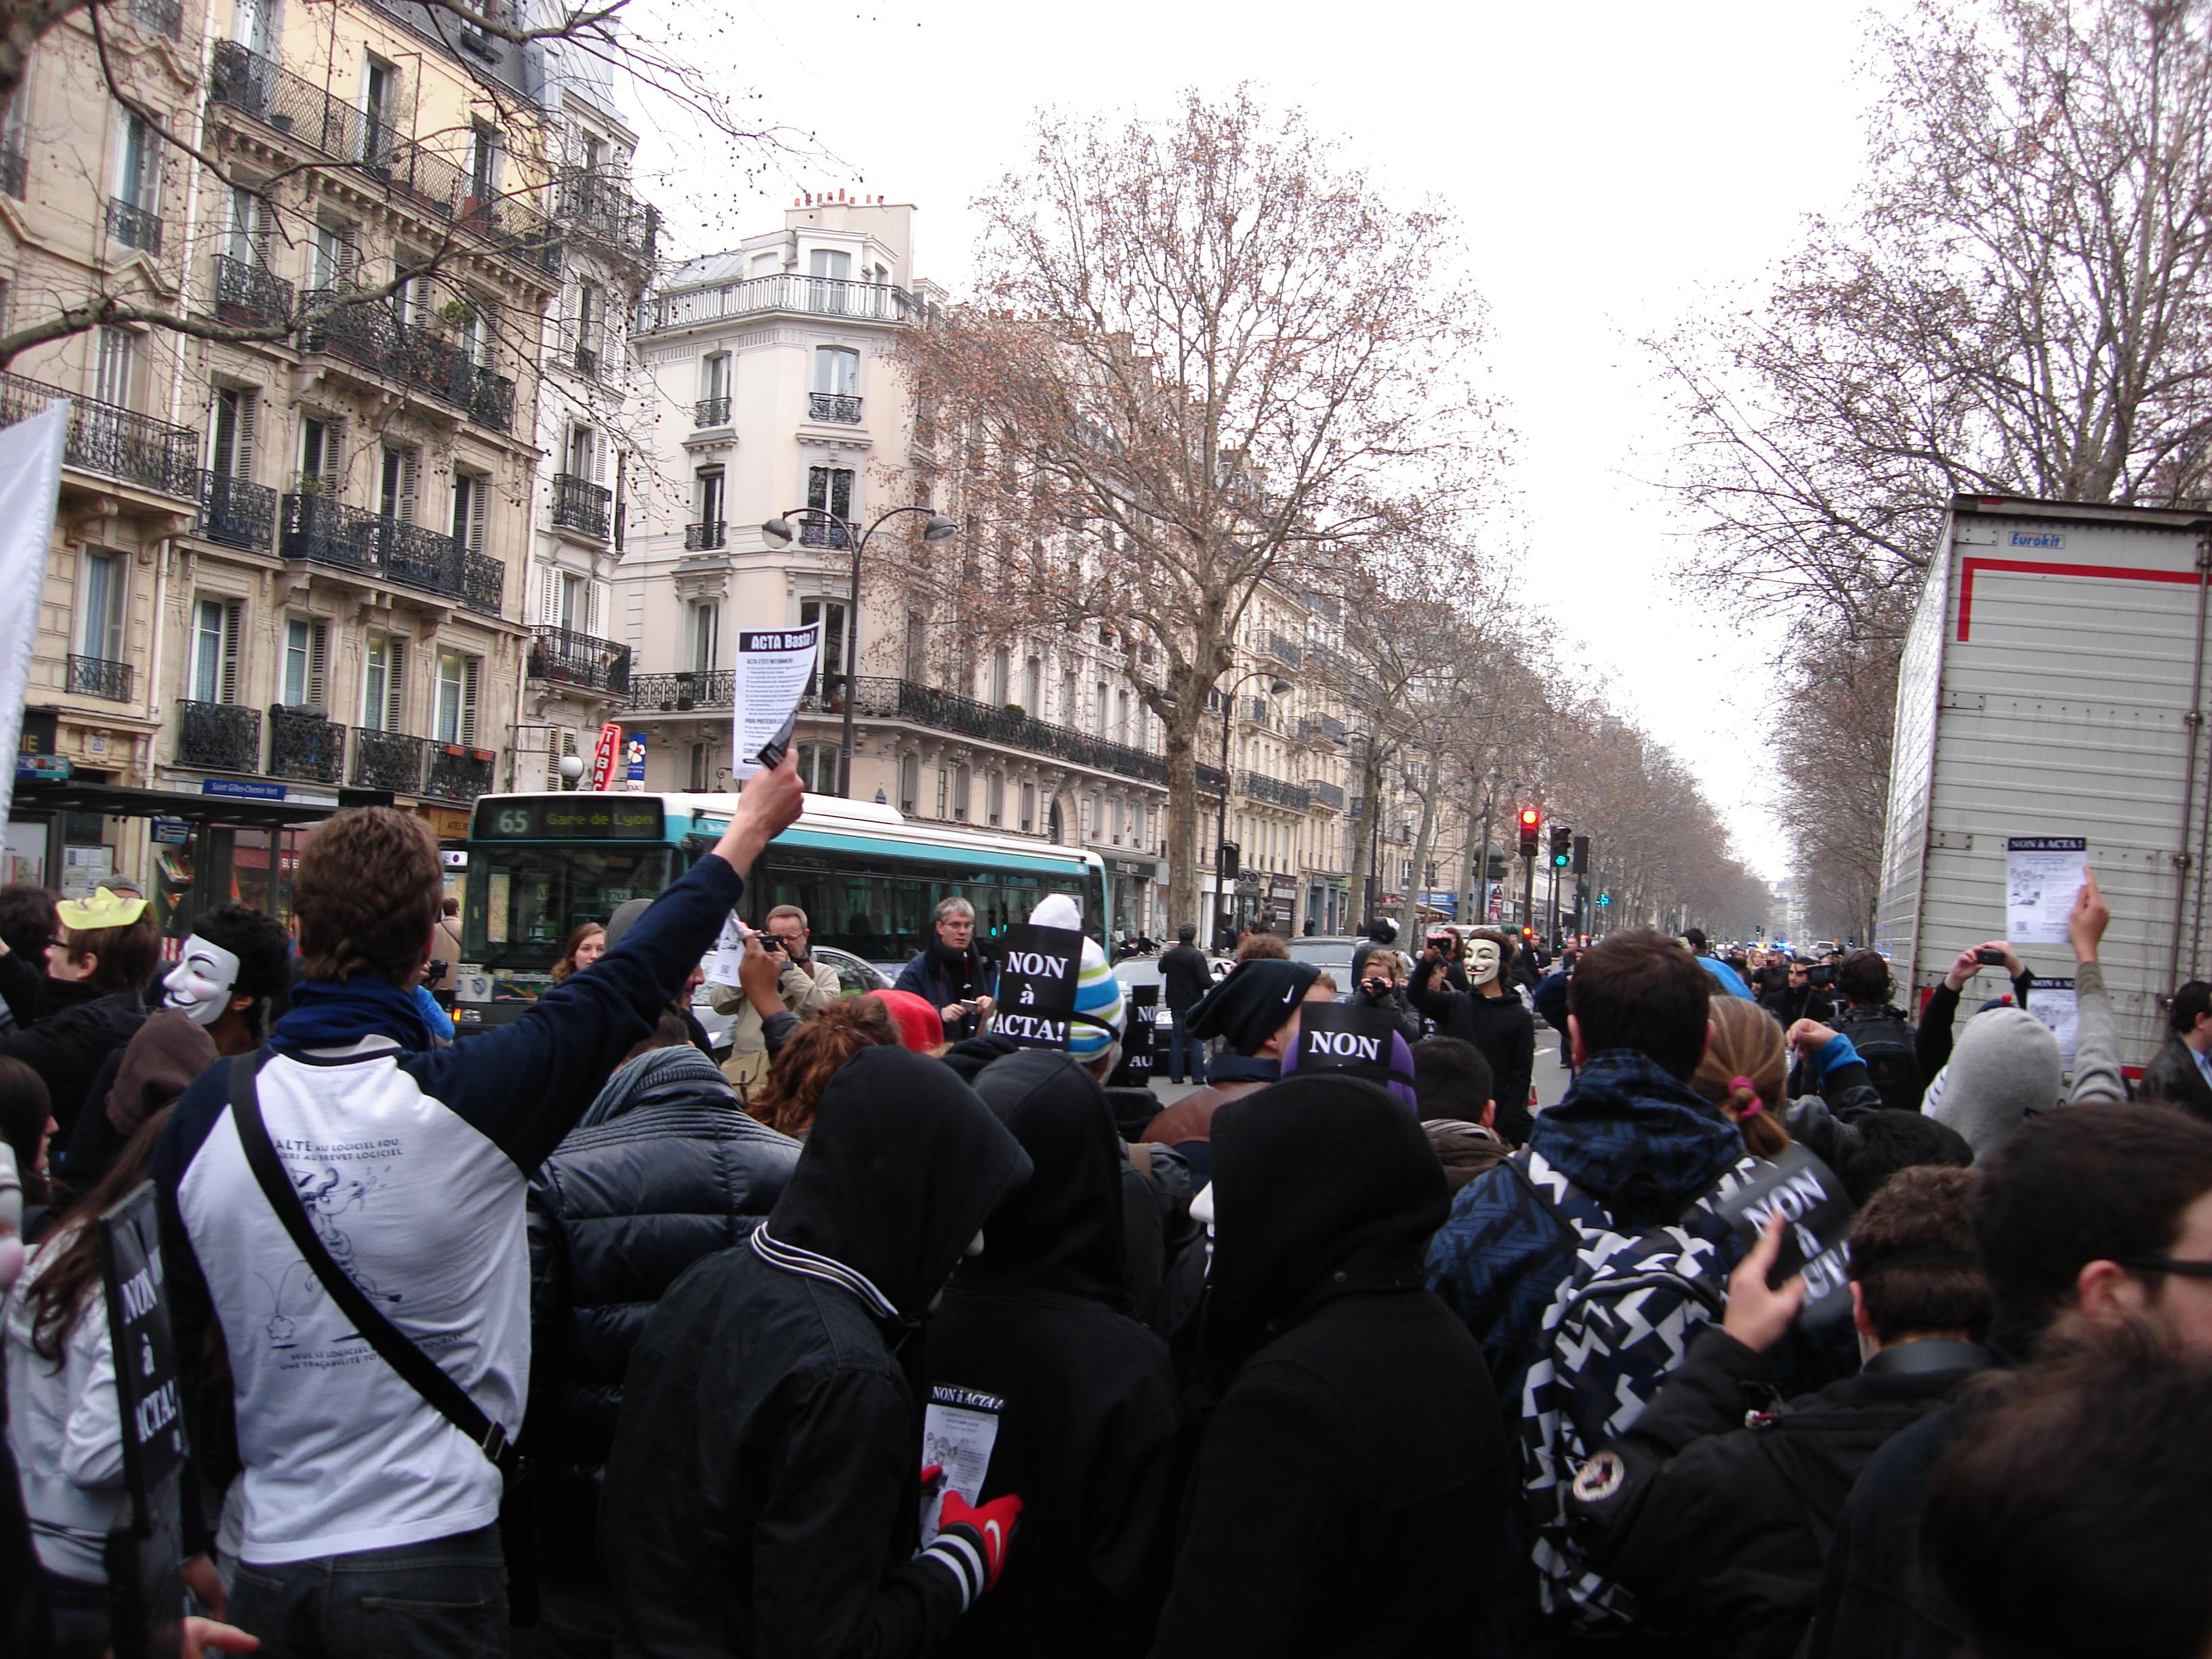 Manifestation anti-ACTA le 25 février 2012 à Paris